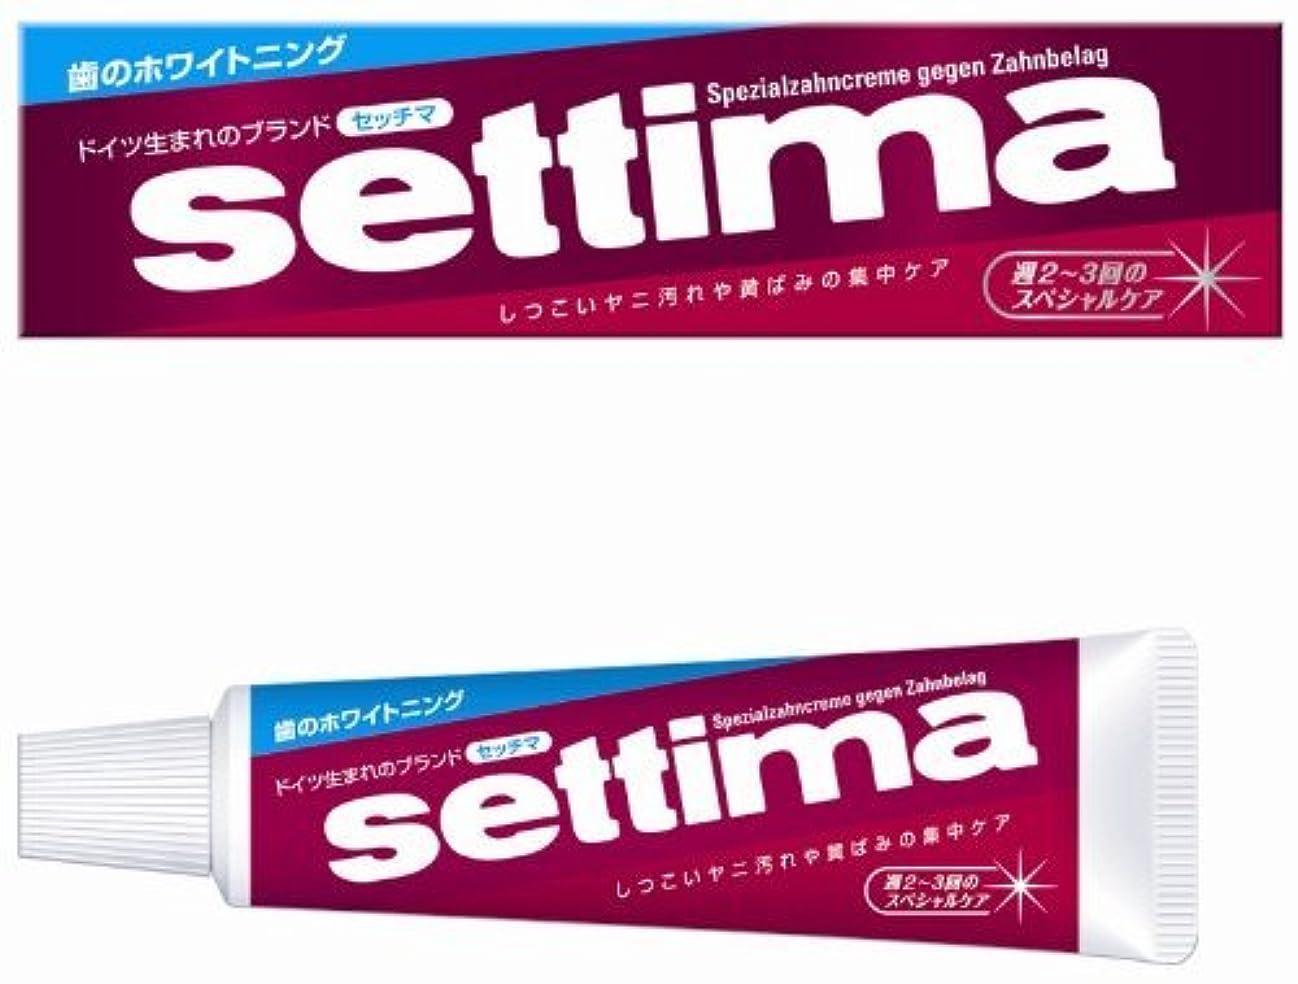 中止します運営公演settima(セッチマ) はみがき スペシャル (箱タイプ) 40g